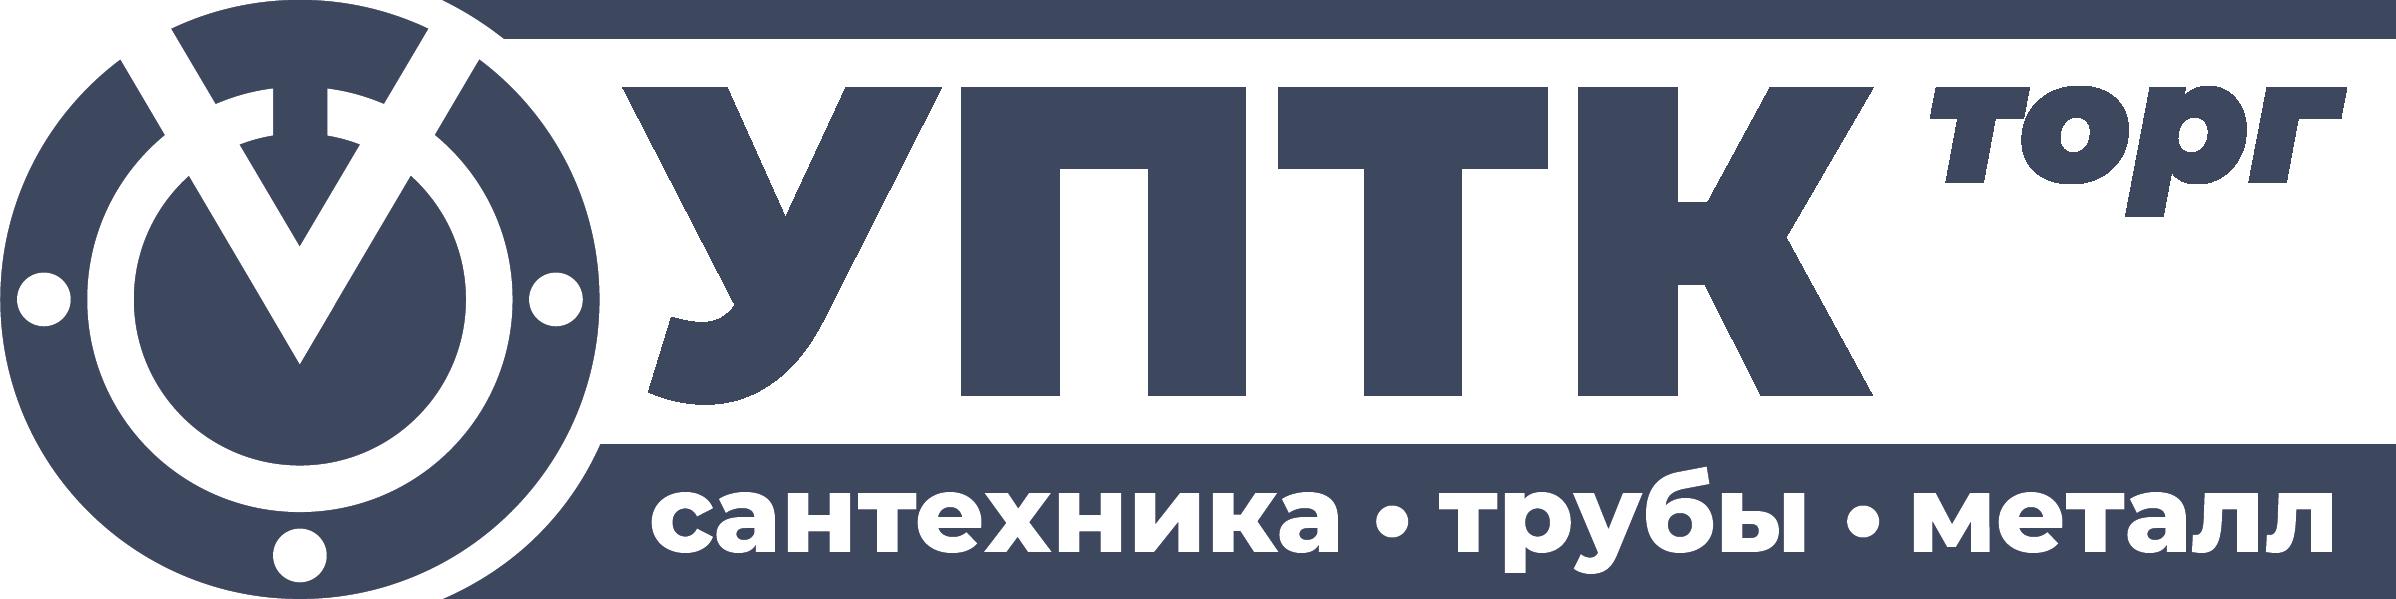 УПТК-Торг